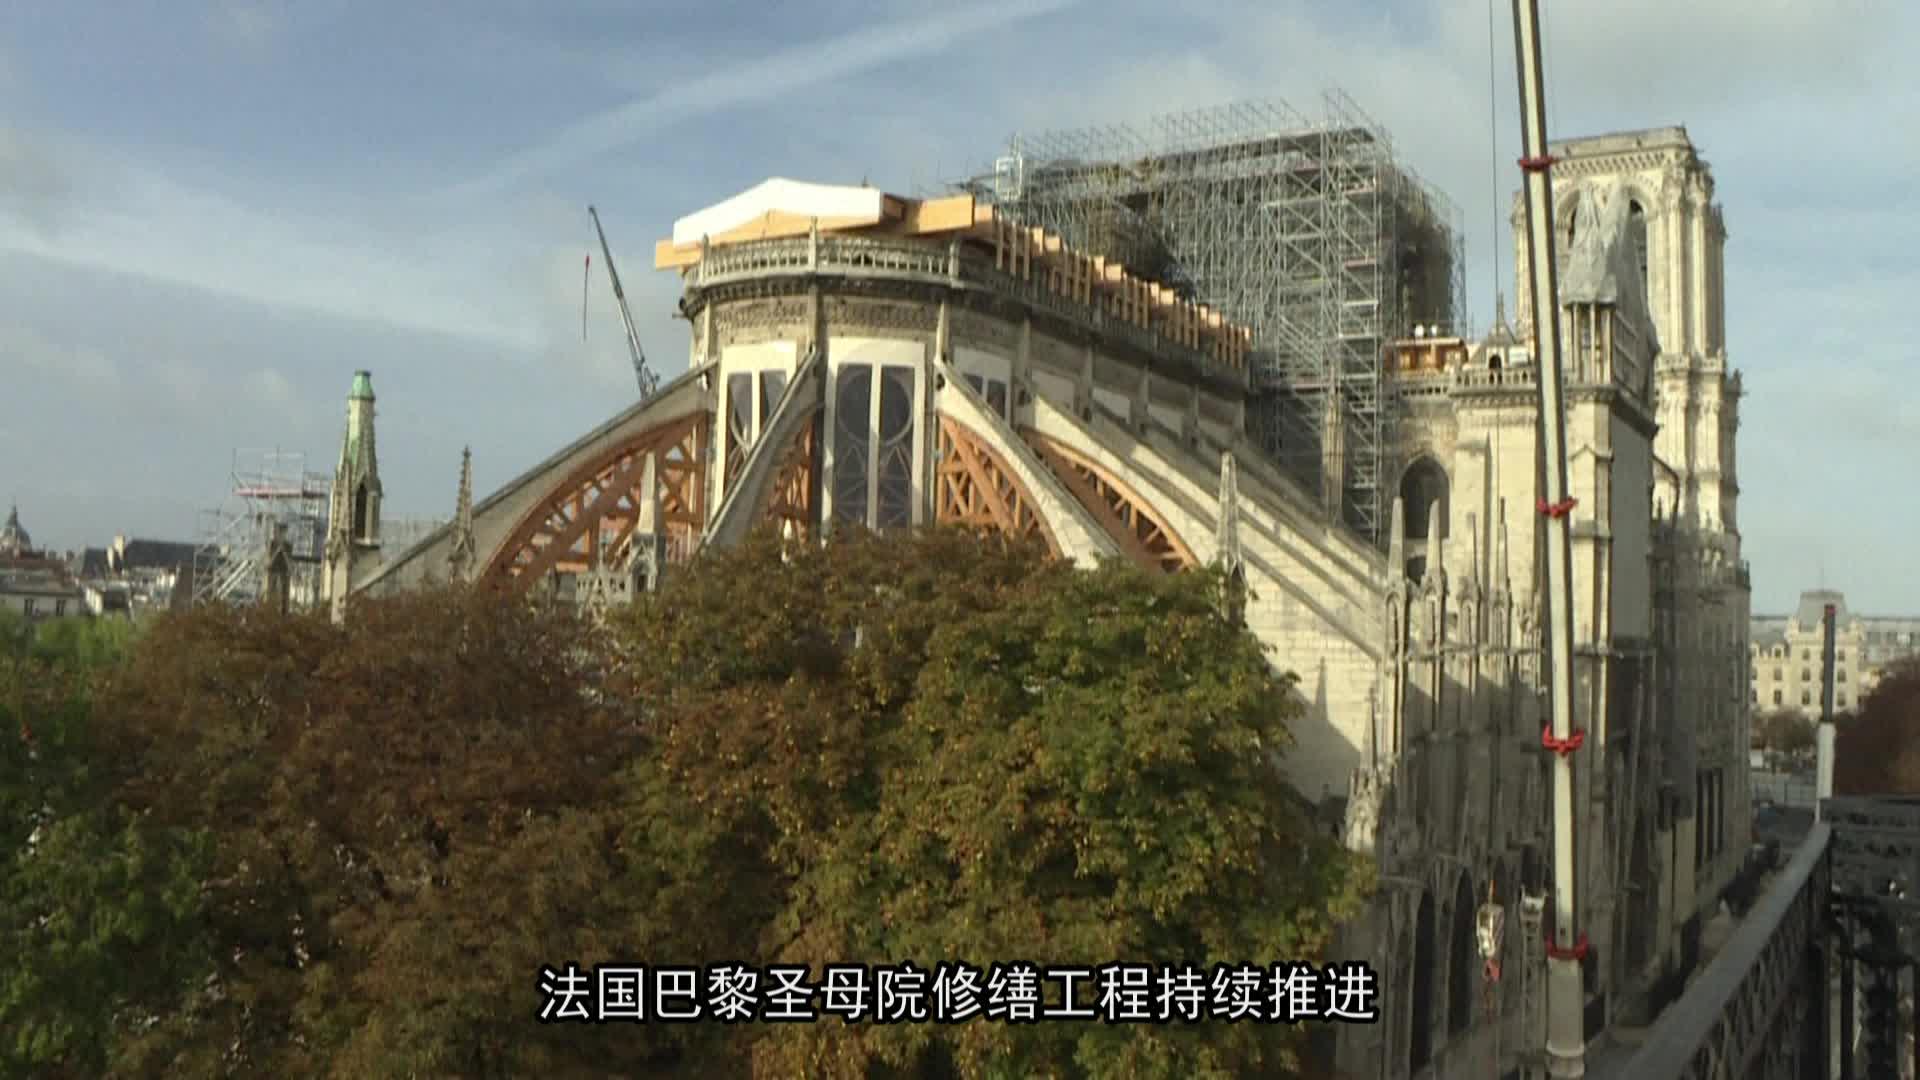 巴黎圣母院管风琴的清洗和修缮工作启动